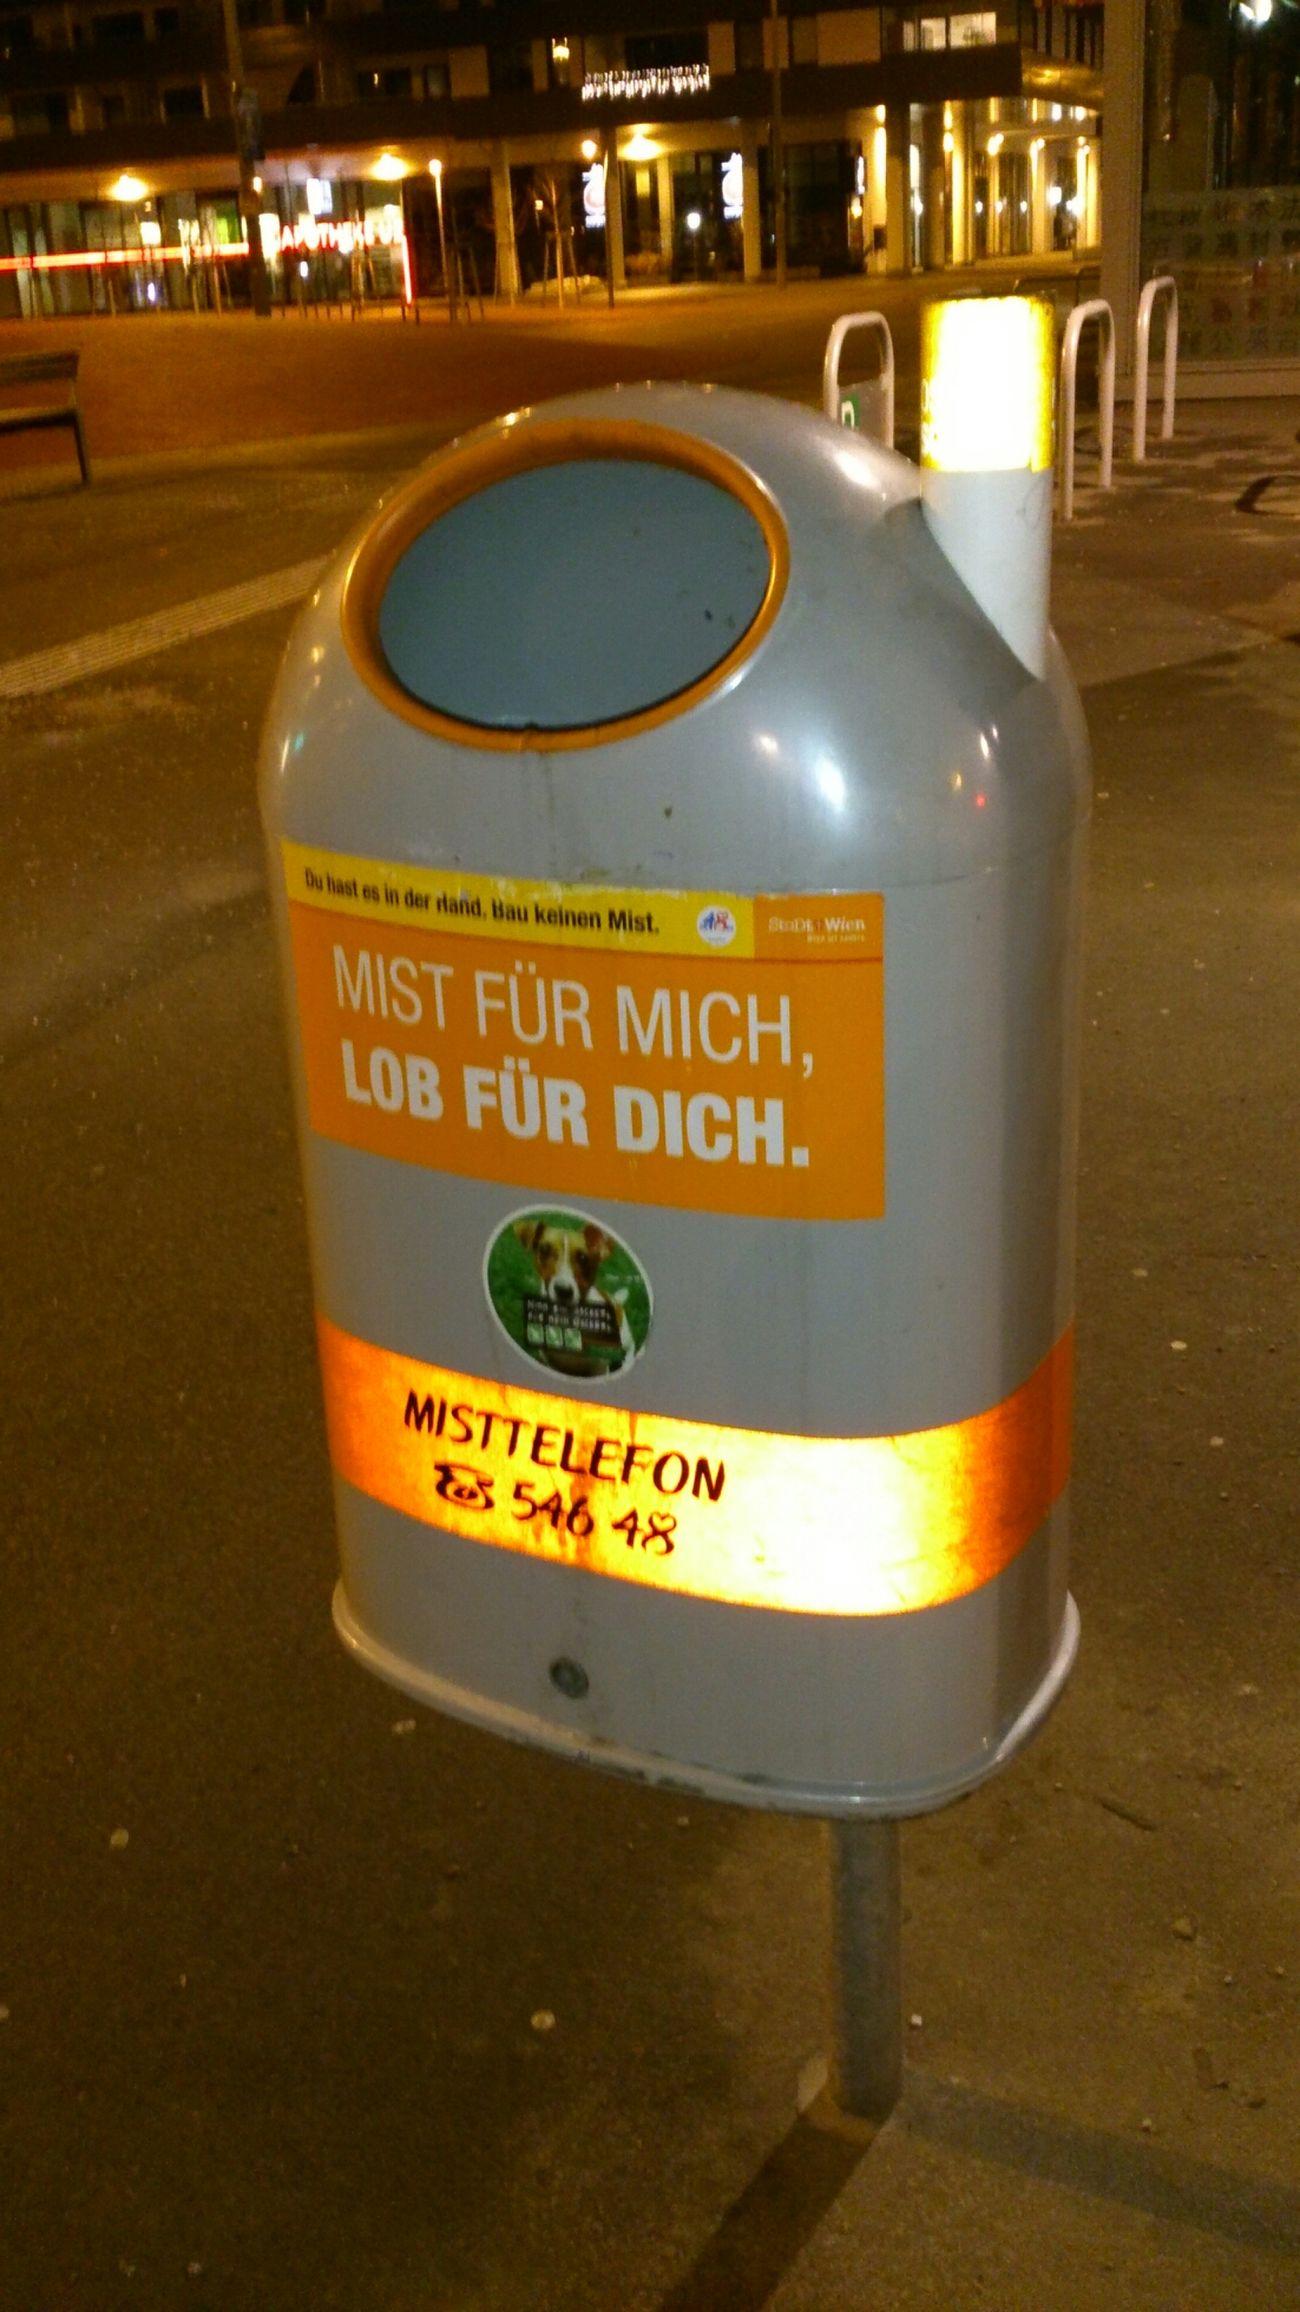 Mülleimer Der Stadt Wien Mülleimer Sprüche MIST FÜR MICH, LOB FÜR DICH. Visual Statements